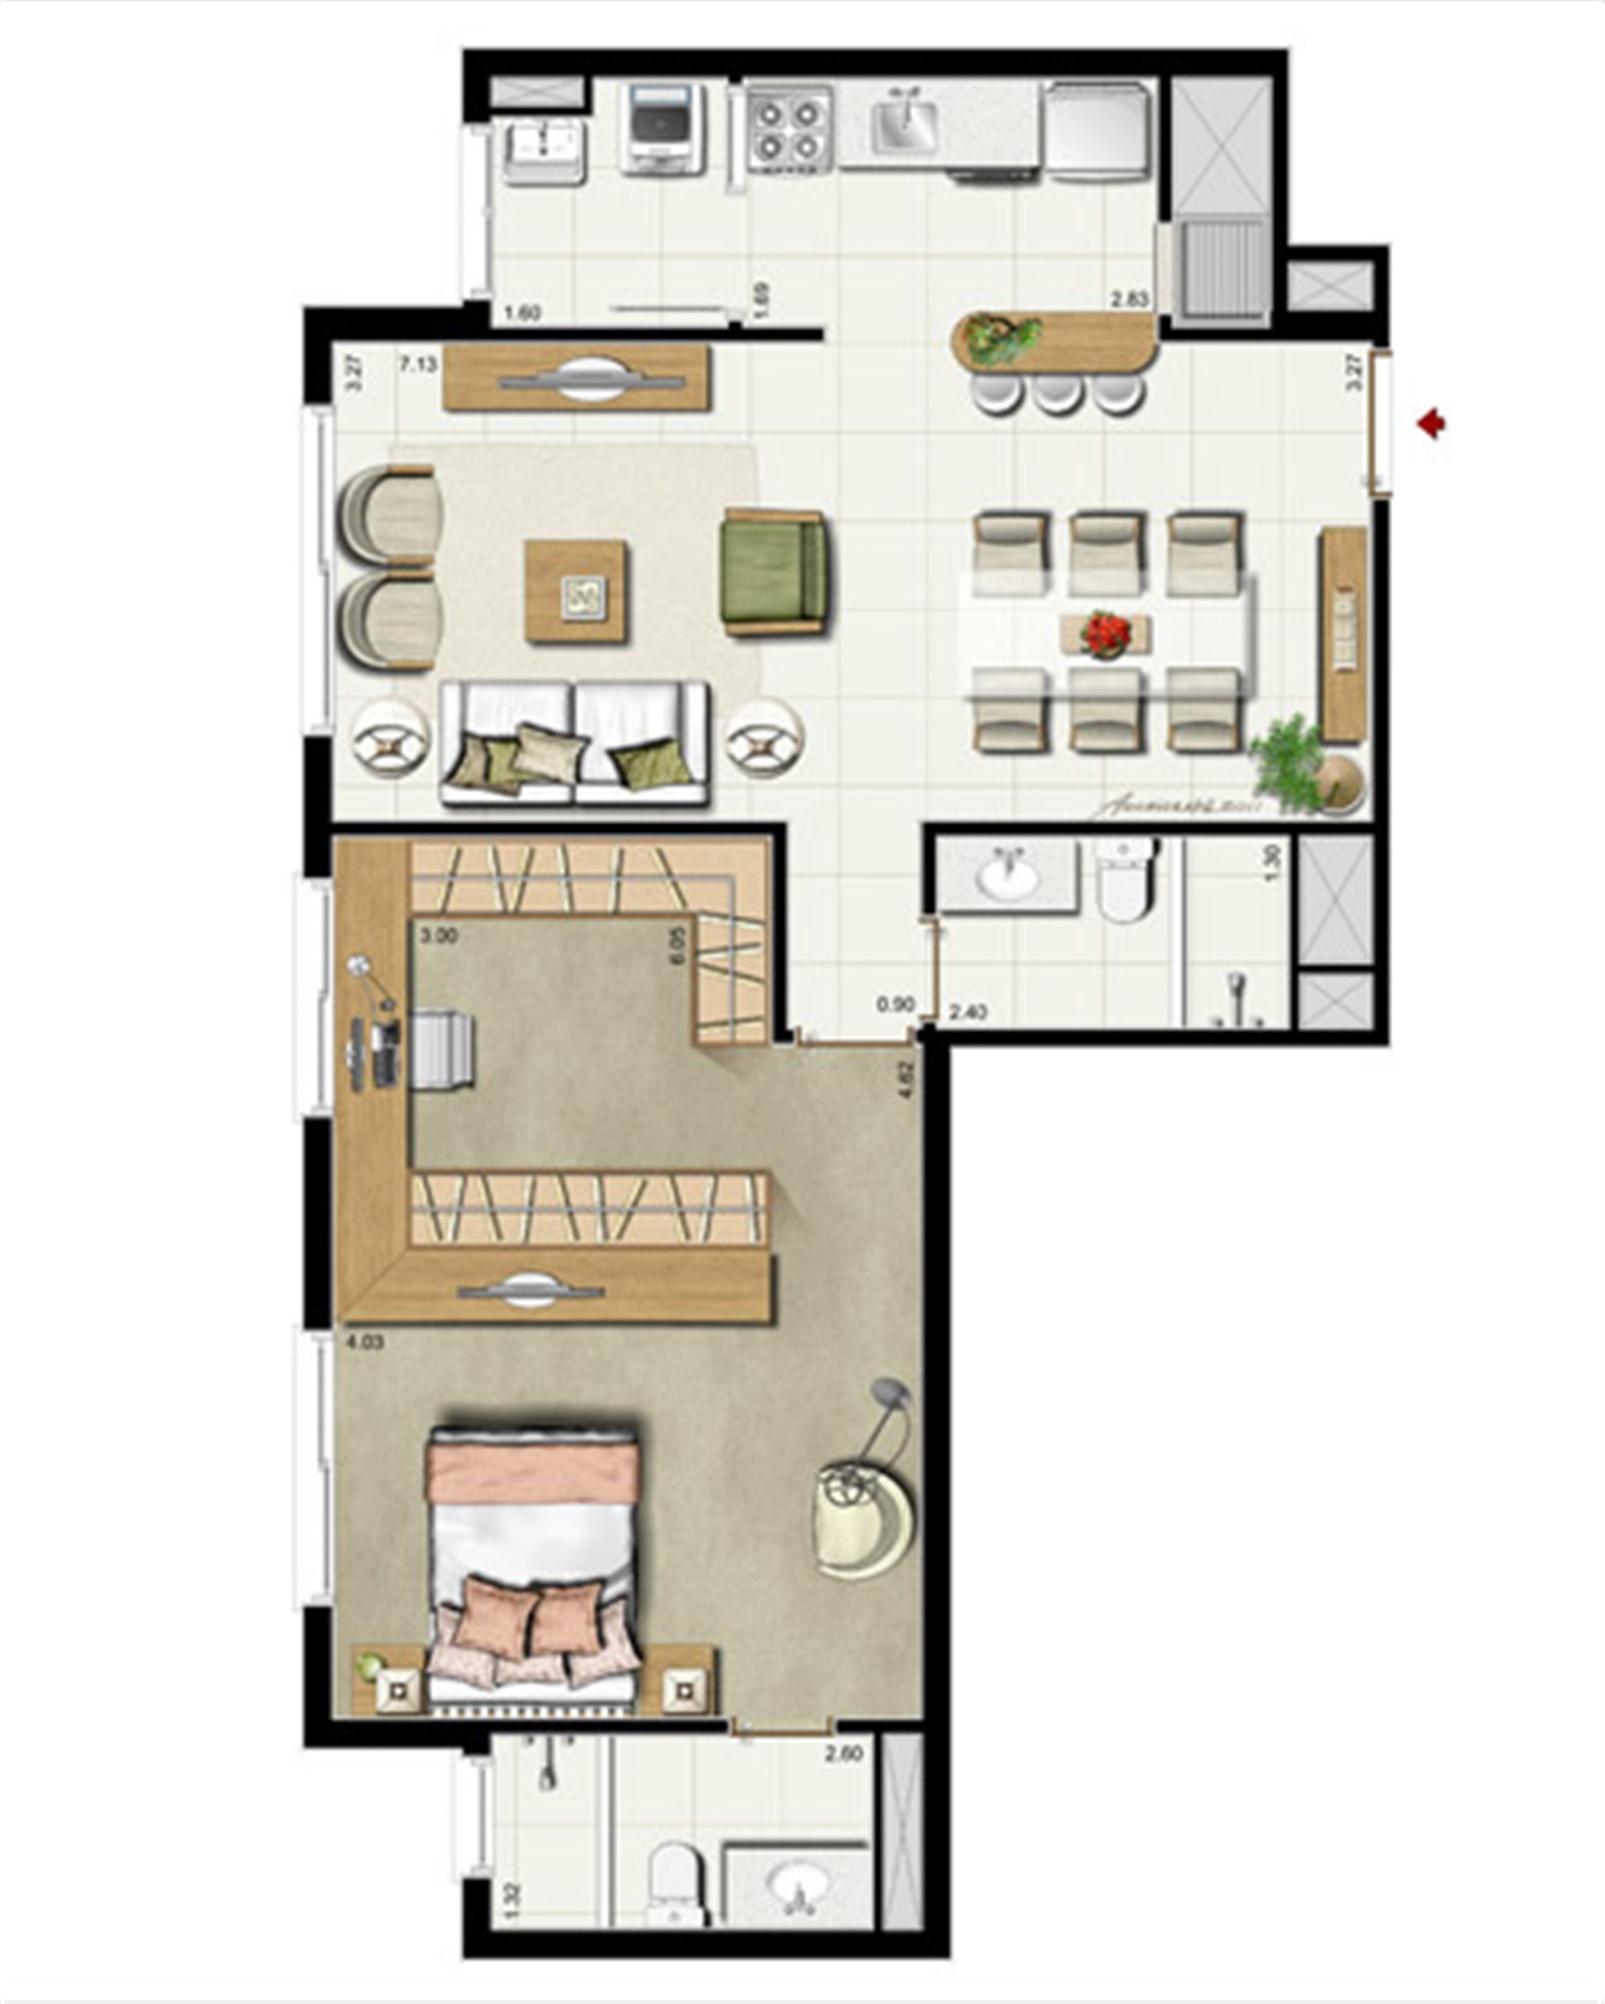 1 suíte - Opção Suíte Master 75 m² privativos - 118 m² de área total | Riserva Anita – Apartamentona  Boa Vista - Porto Alegre - Rio Grande do Sul